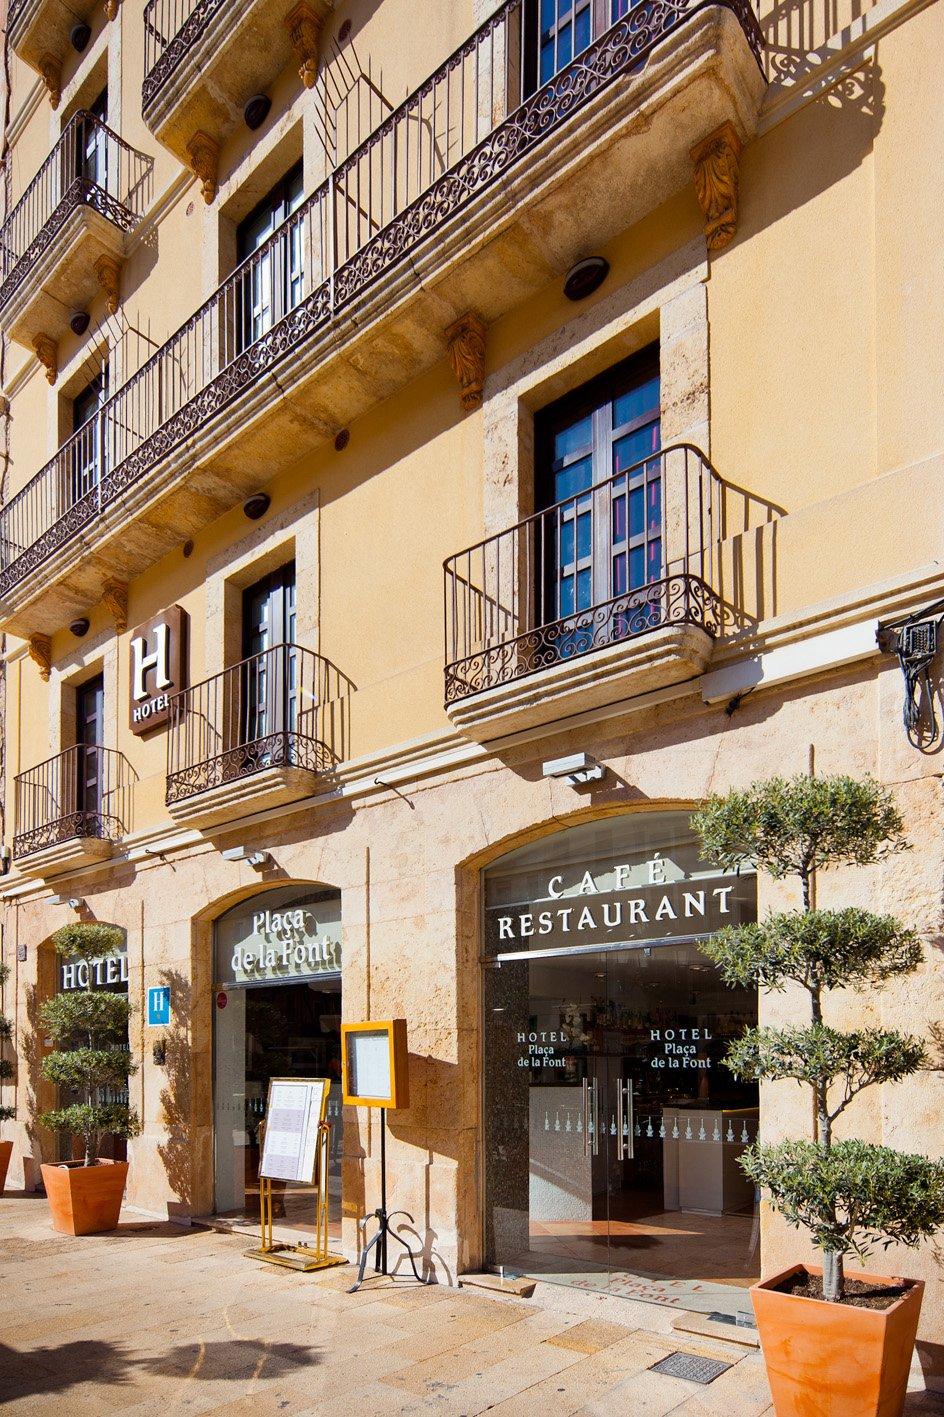 hotel_la_fontnombre_del_documento_14-9e98bf078f68d9fe11276ed6158b5e5b